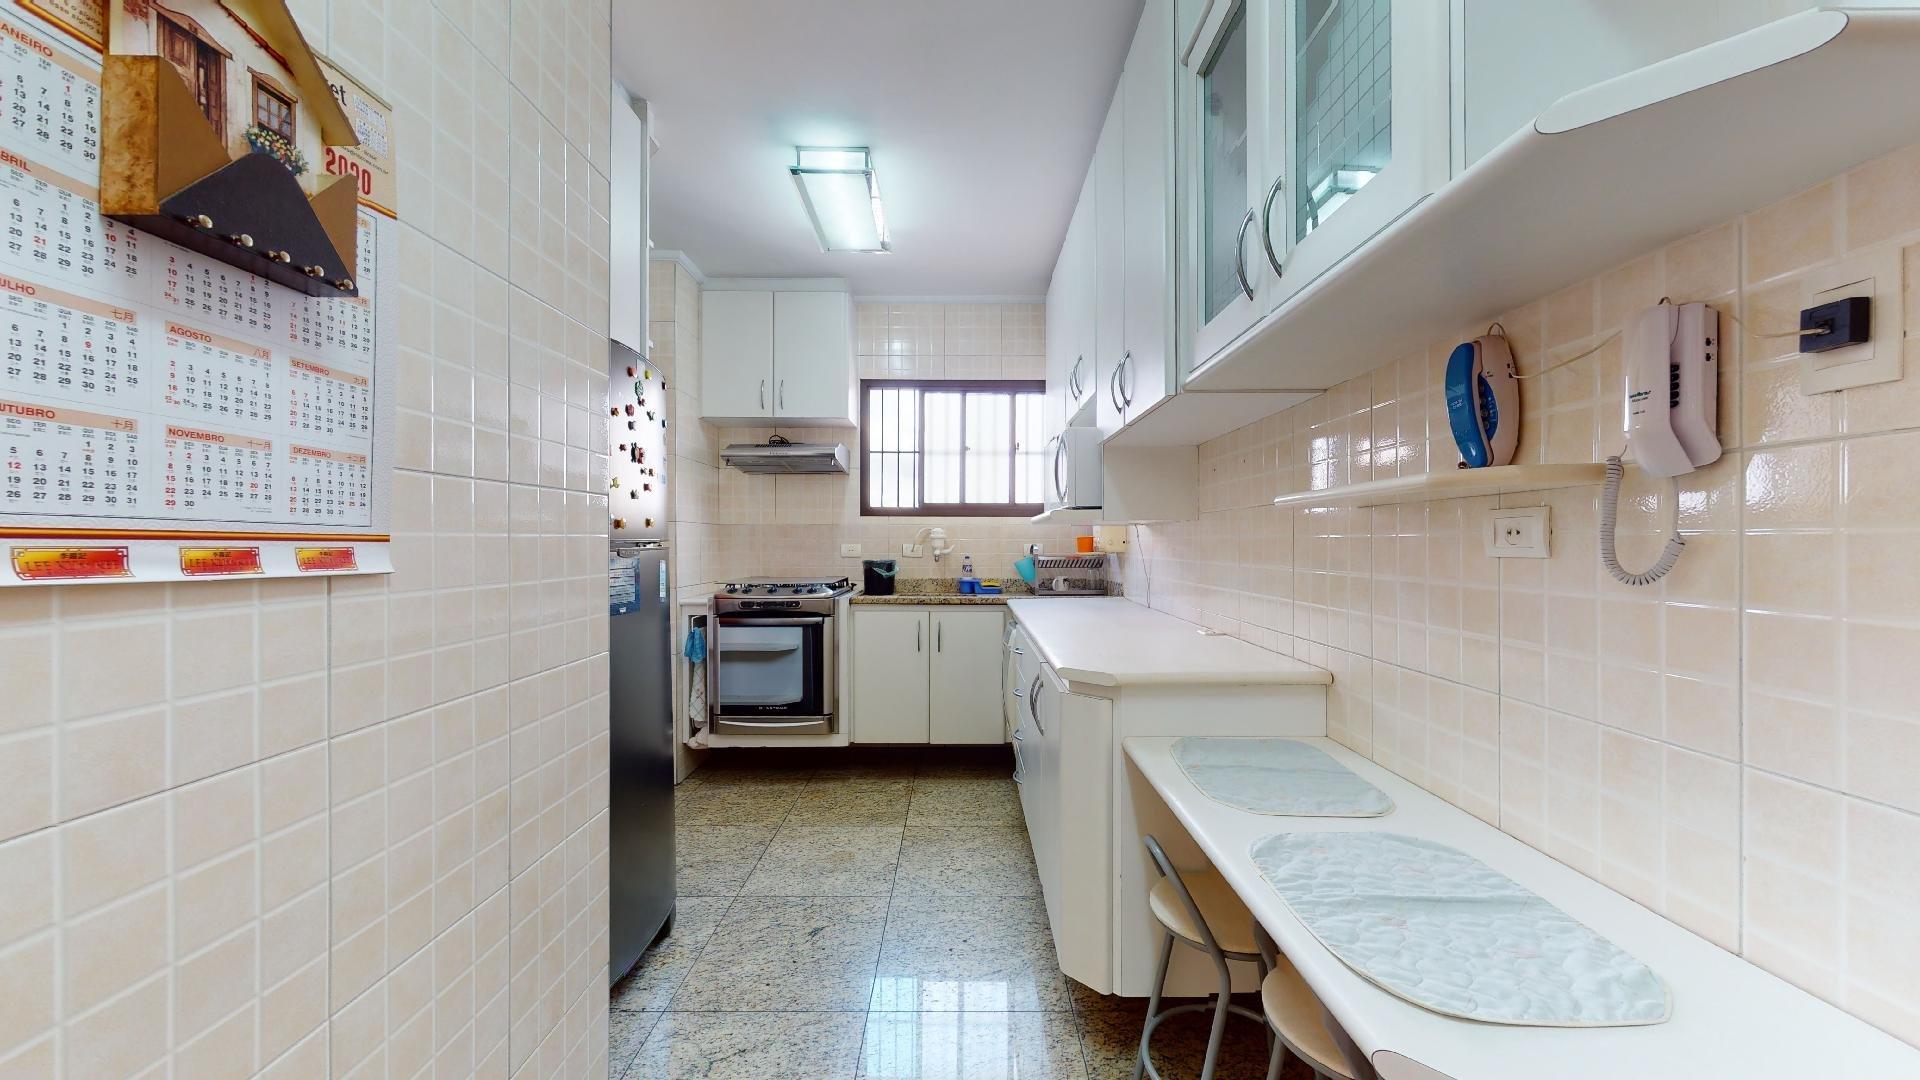 Foto de Cozinha com garrafa, forno, geladeira, cadeira